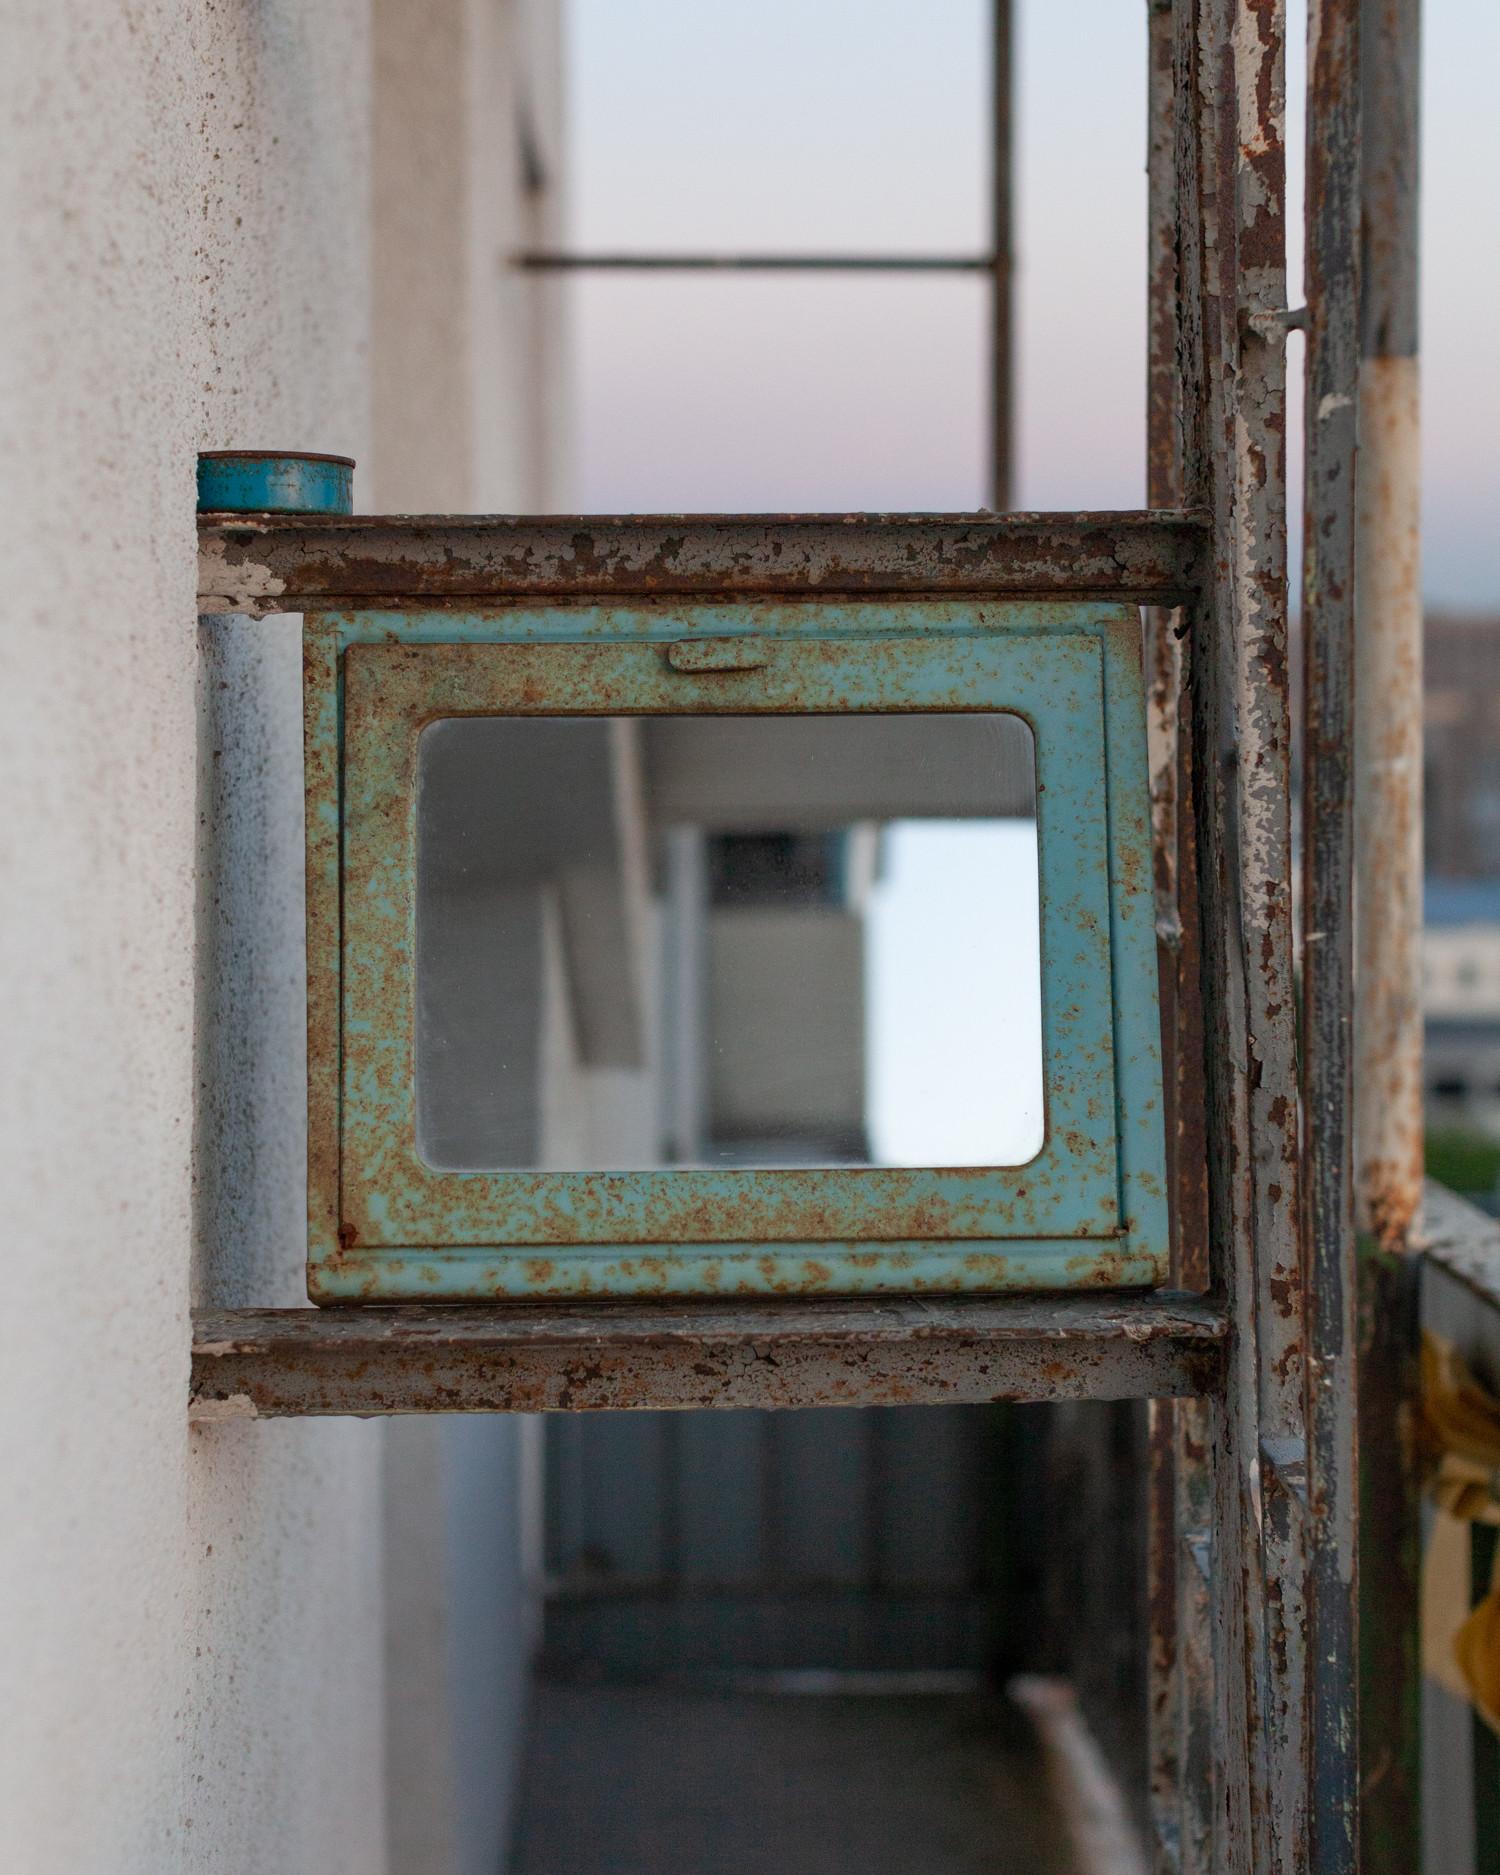 Шкафчик-аптечка найден на дачном участке моего друга; а лестница разделяет пополам длинный балкон, по которому возможен проход из гостиной в спальню.